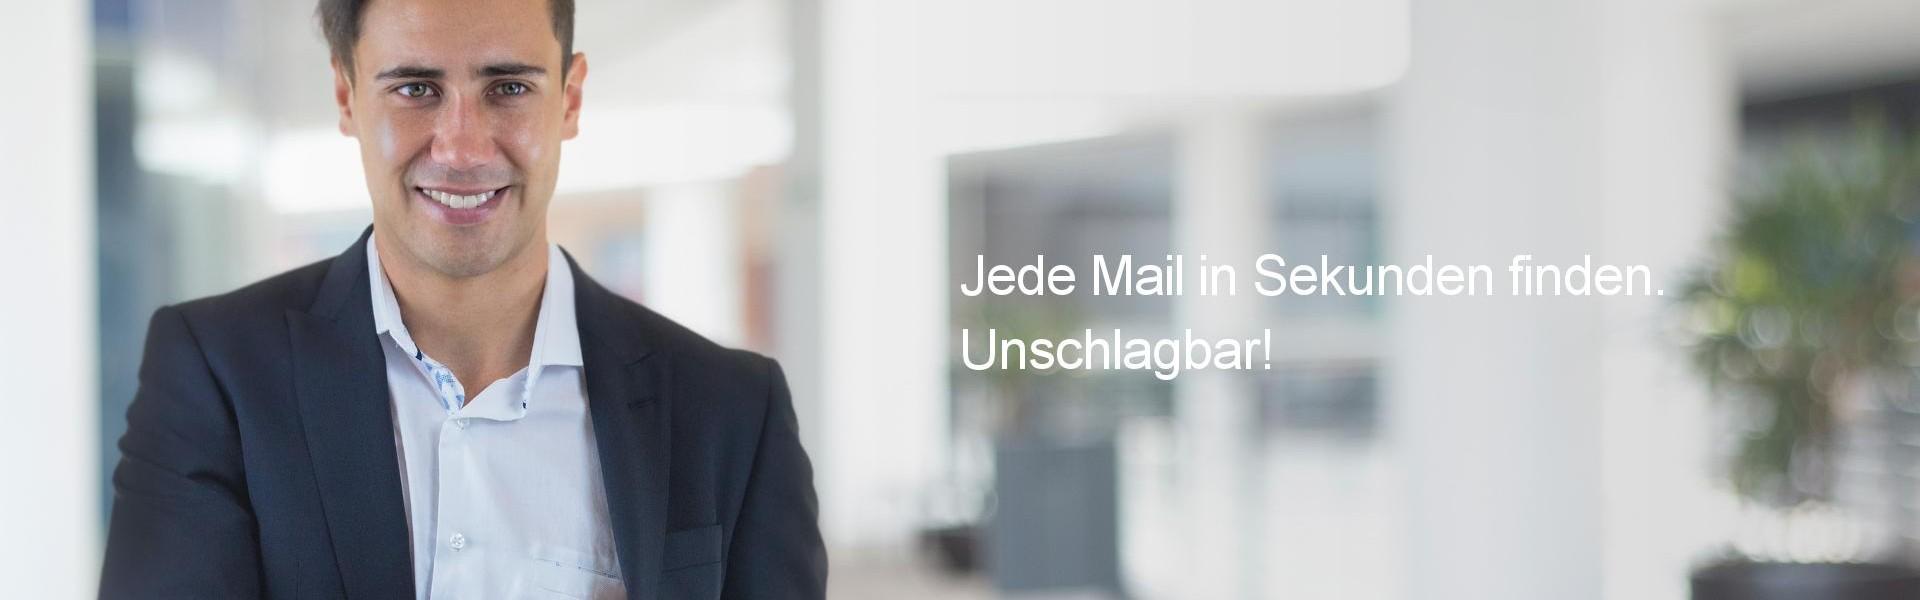 Mit Benno MailArchiv jede Mail in Sekunden finden. Unschlagbar!